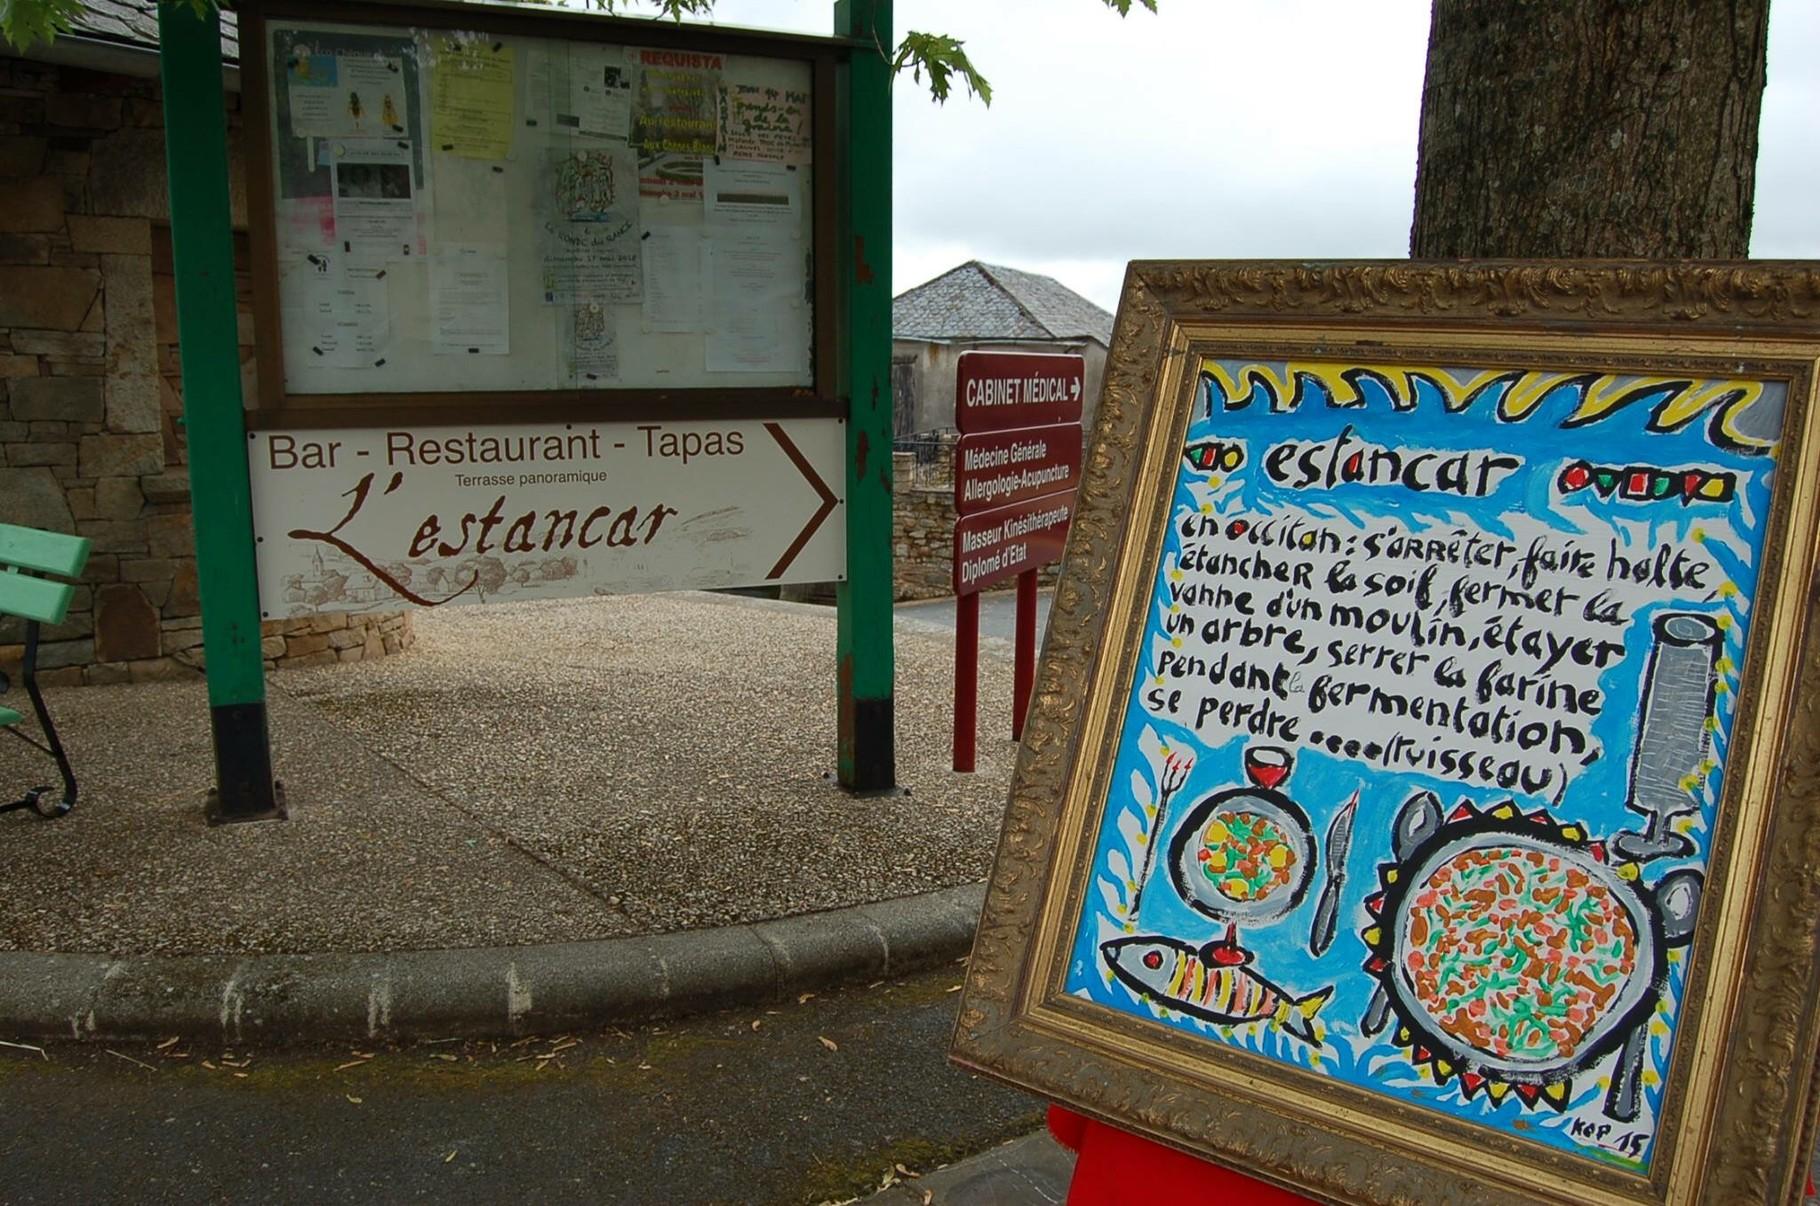 L'Estancar définition (Bernard Cauhapé)